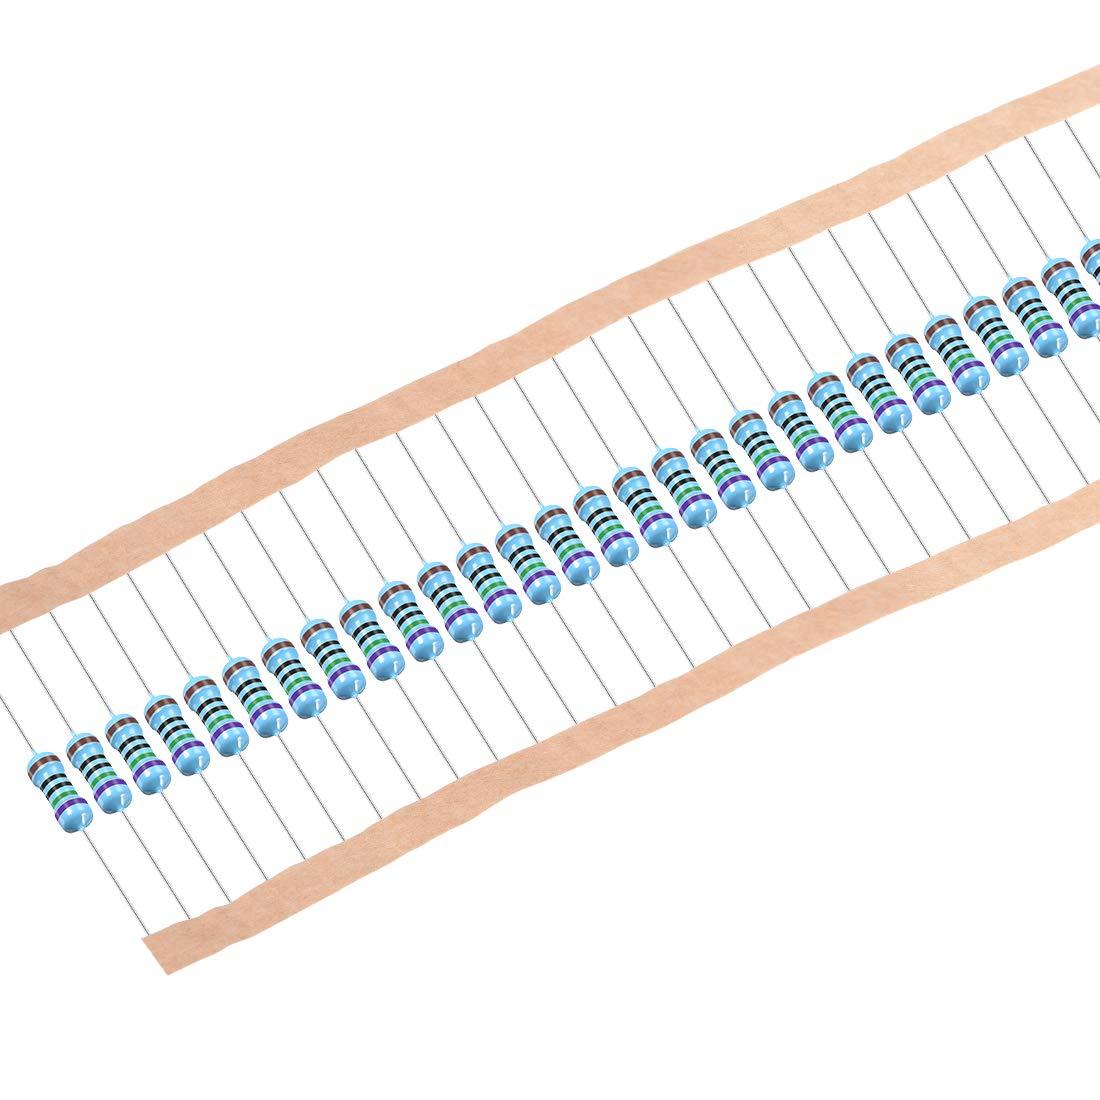 uxcell 1//2W 750 Ohm Metal Film Resistors 0.5W 1/% Tolerances 5 Color Bands 50 Pcs